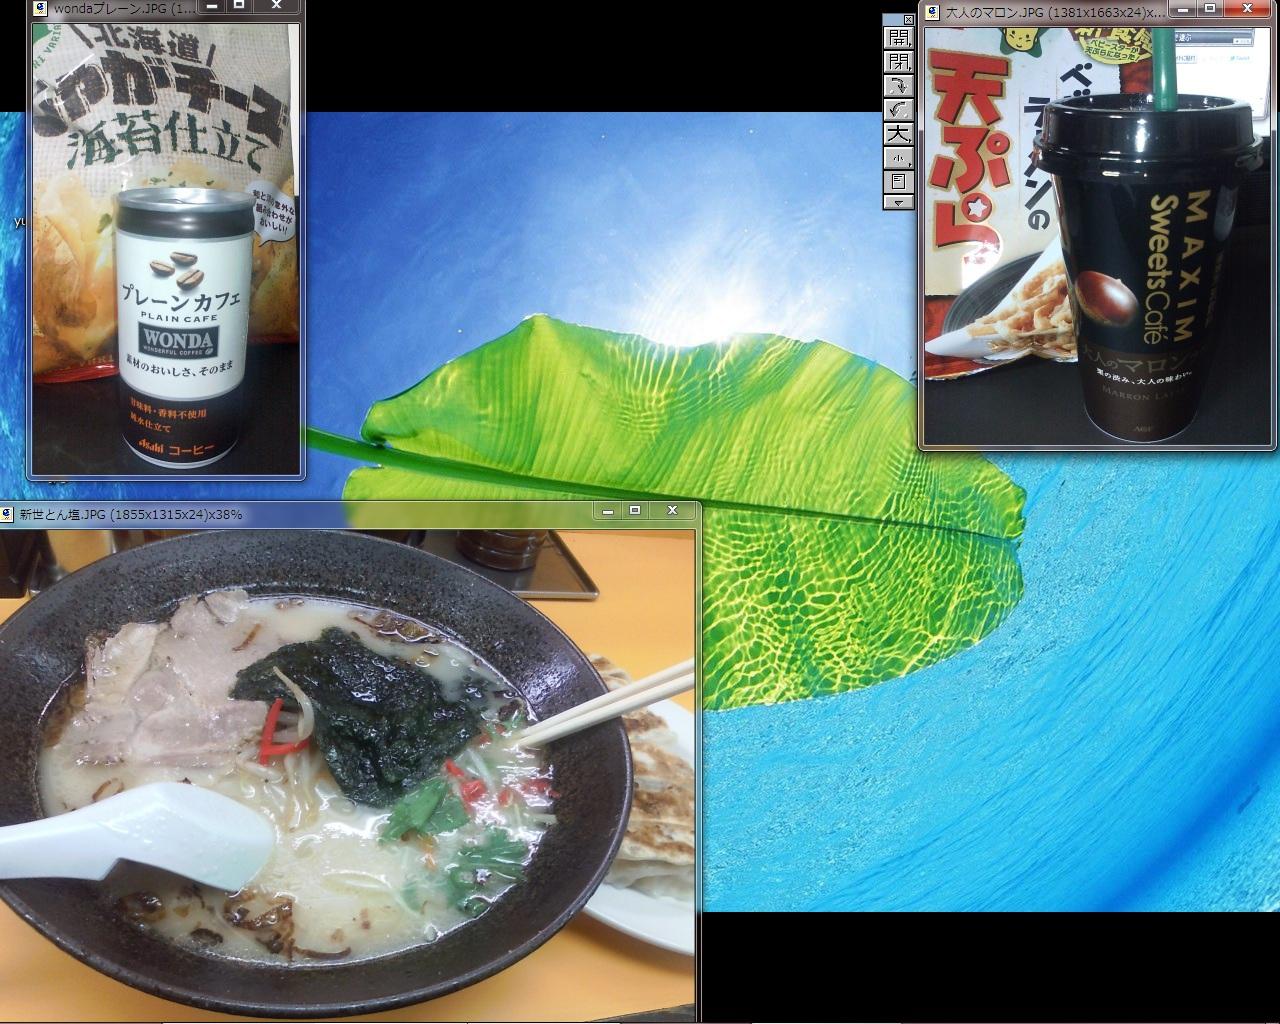 川崎のラーメン新世・とん塩